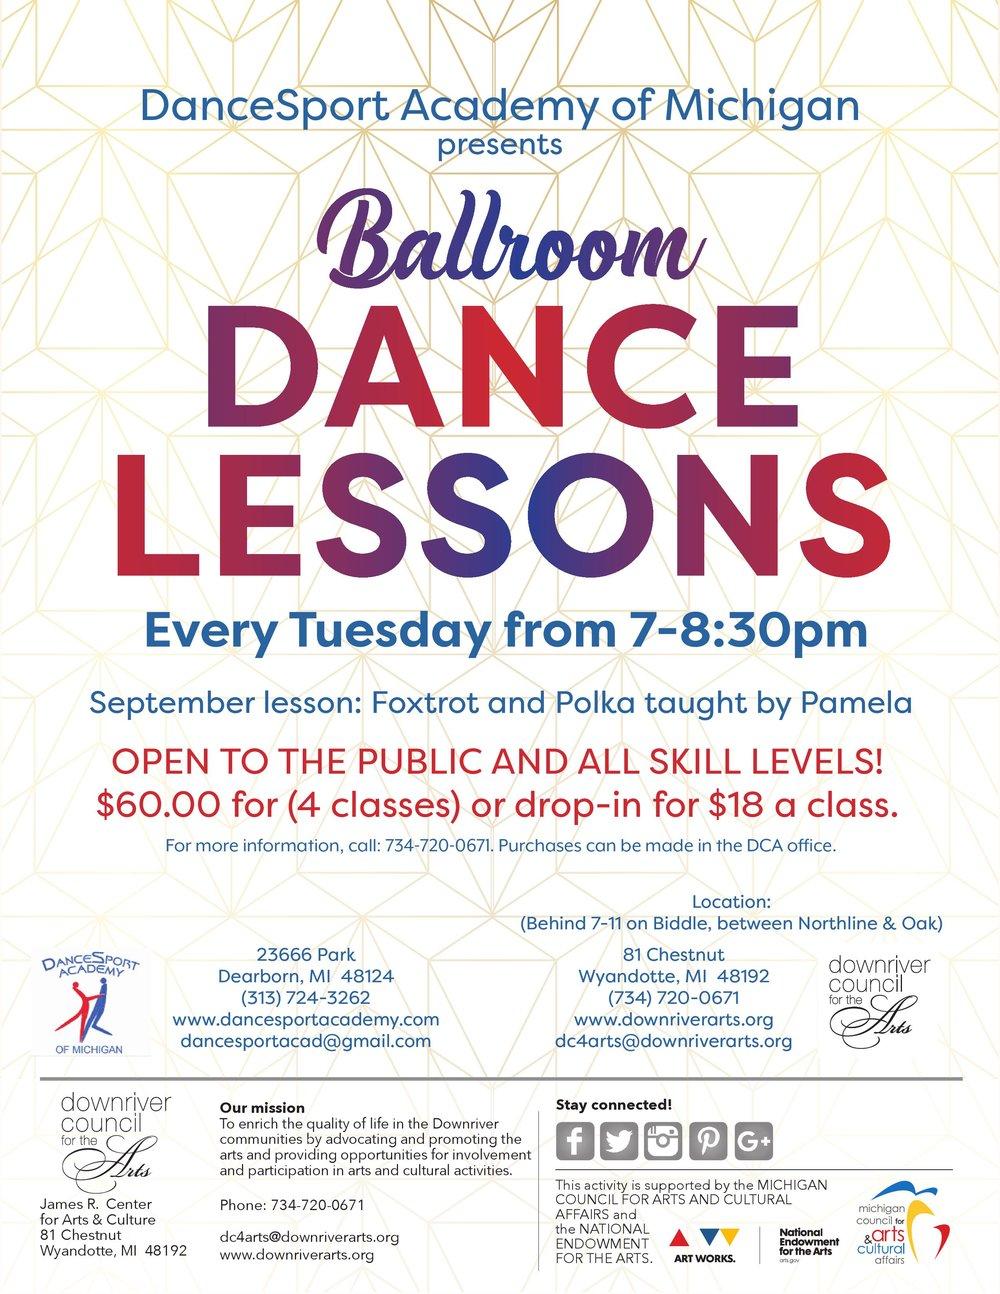 Sept18 DanceLessons_00001.jpg